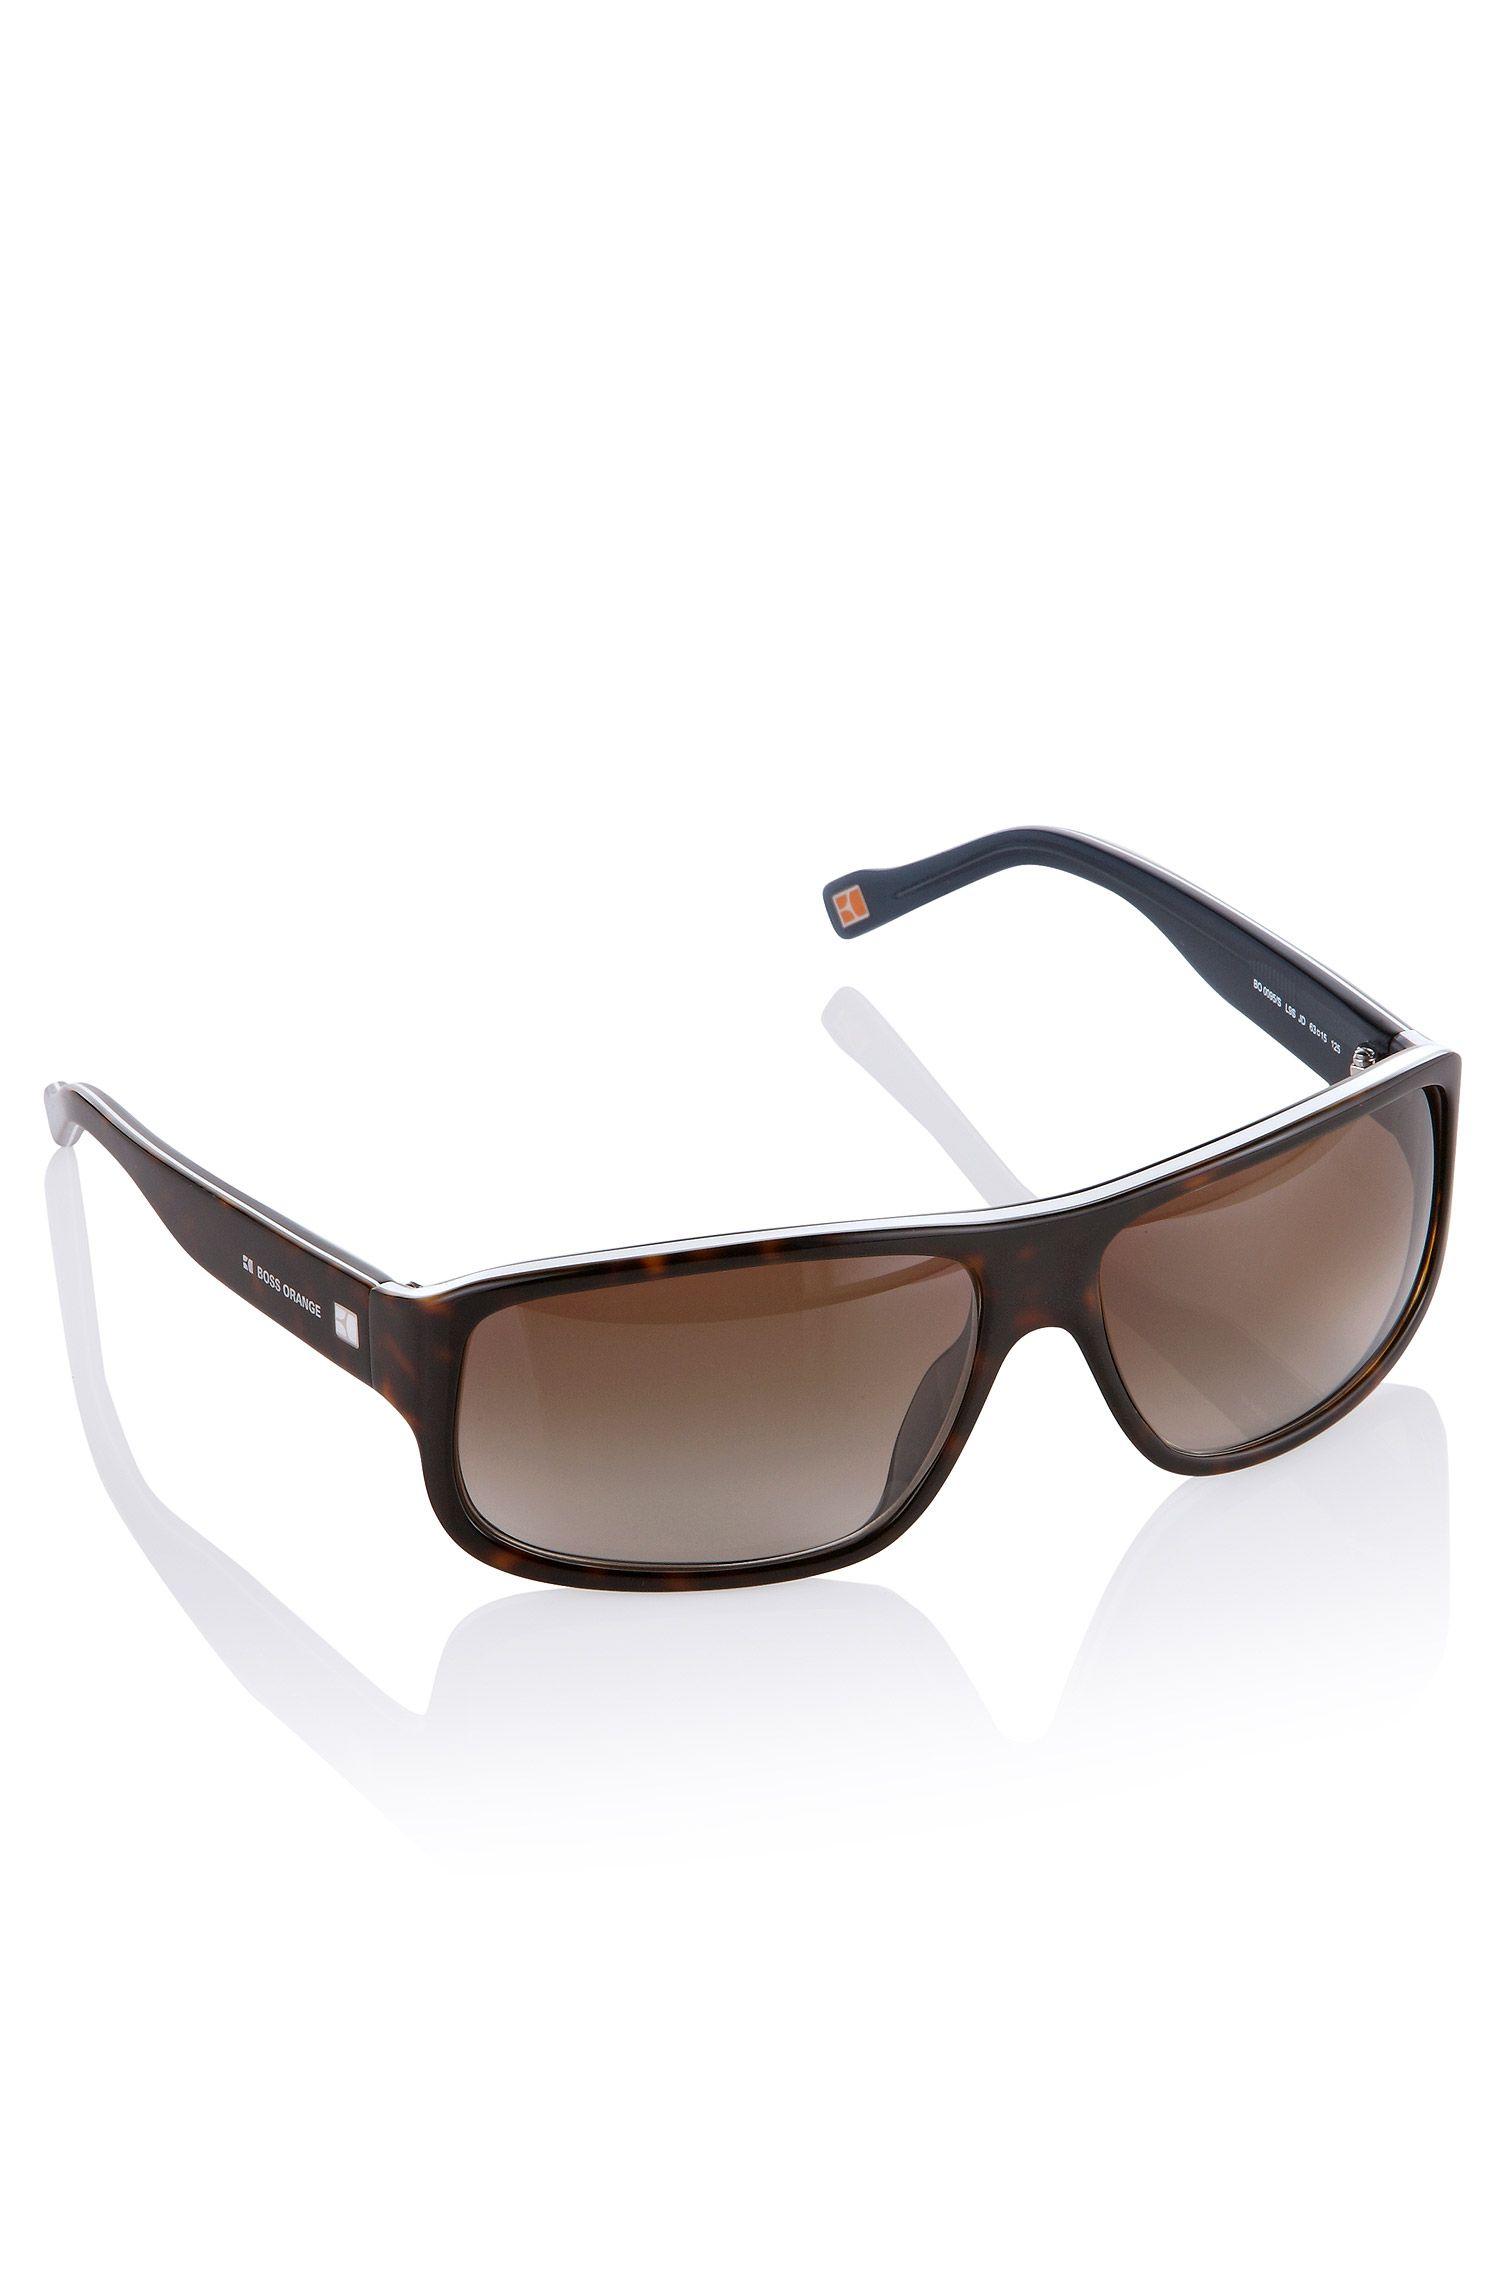 Sonnenbrille Men ´L9S DKHV WHTGREY`